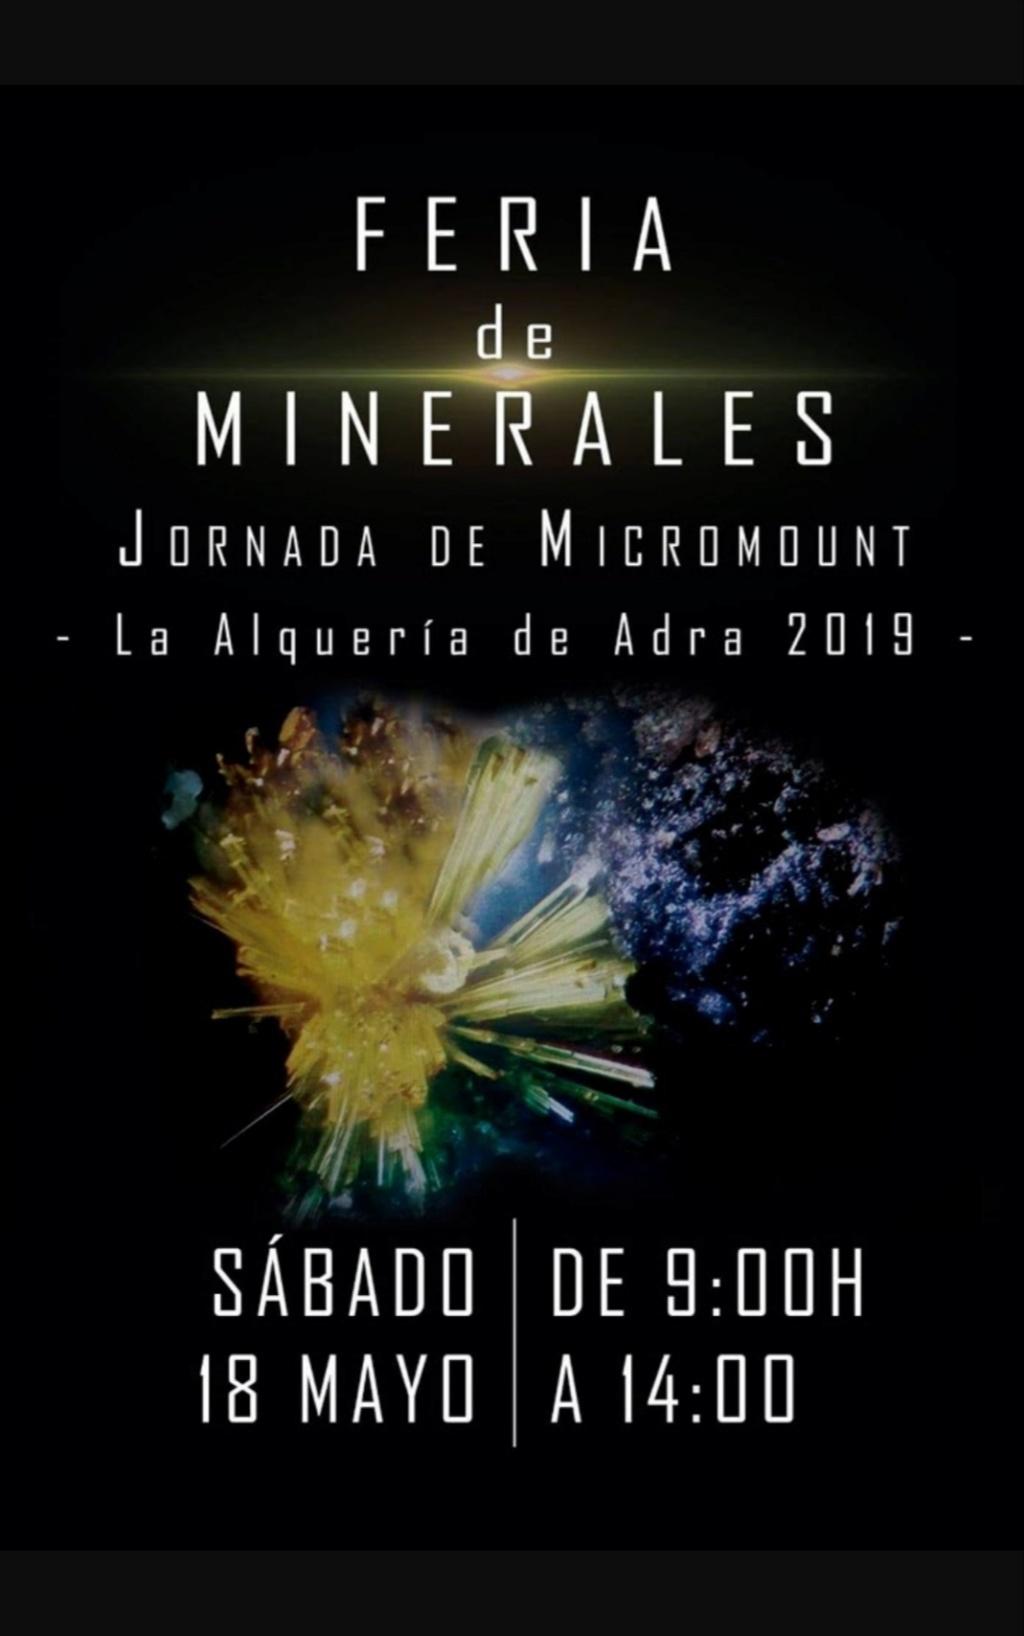 Ferias y eve tos mes de Mayo 2019 20190415